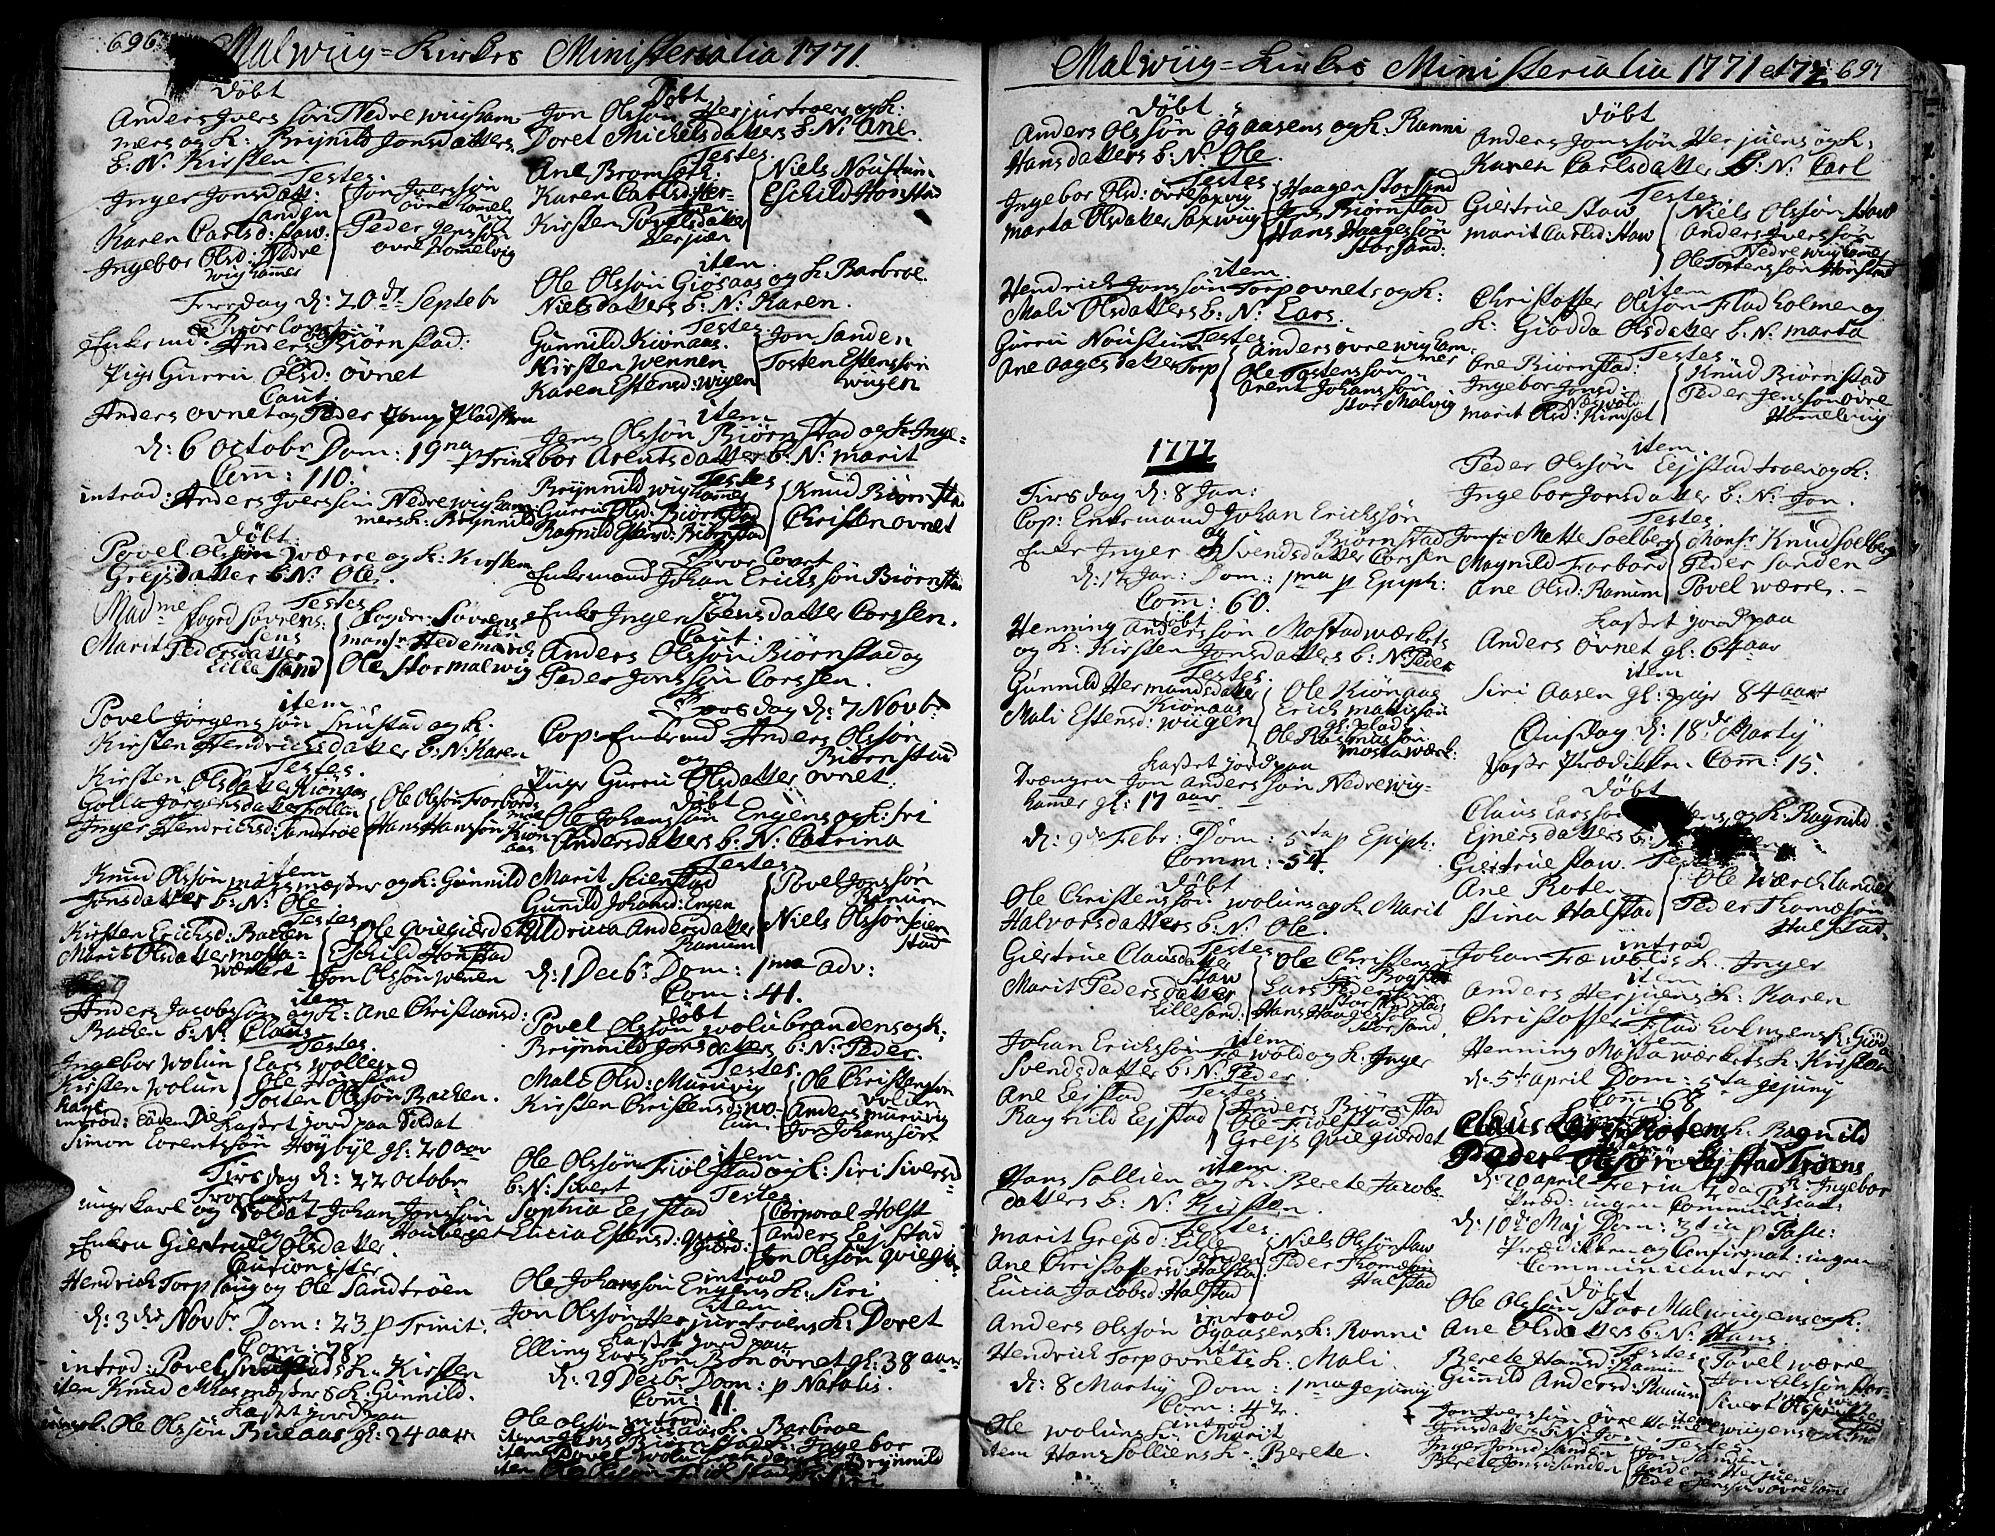 SAT, Ministerialprotokoller, klokkerbøker og fødselsregistre - Sør-Trøndelag, 606/L0277: Ministerialbok nr. 606A01 /3, 1727-1780, s. 696-697